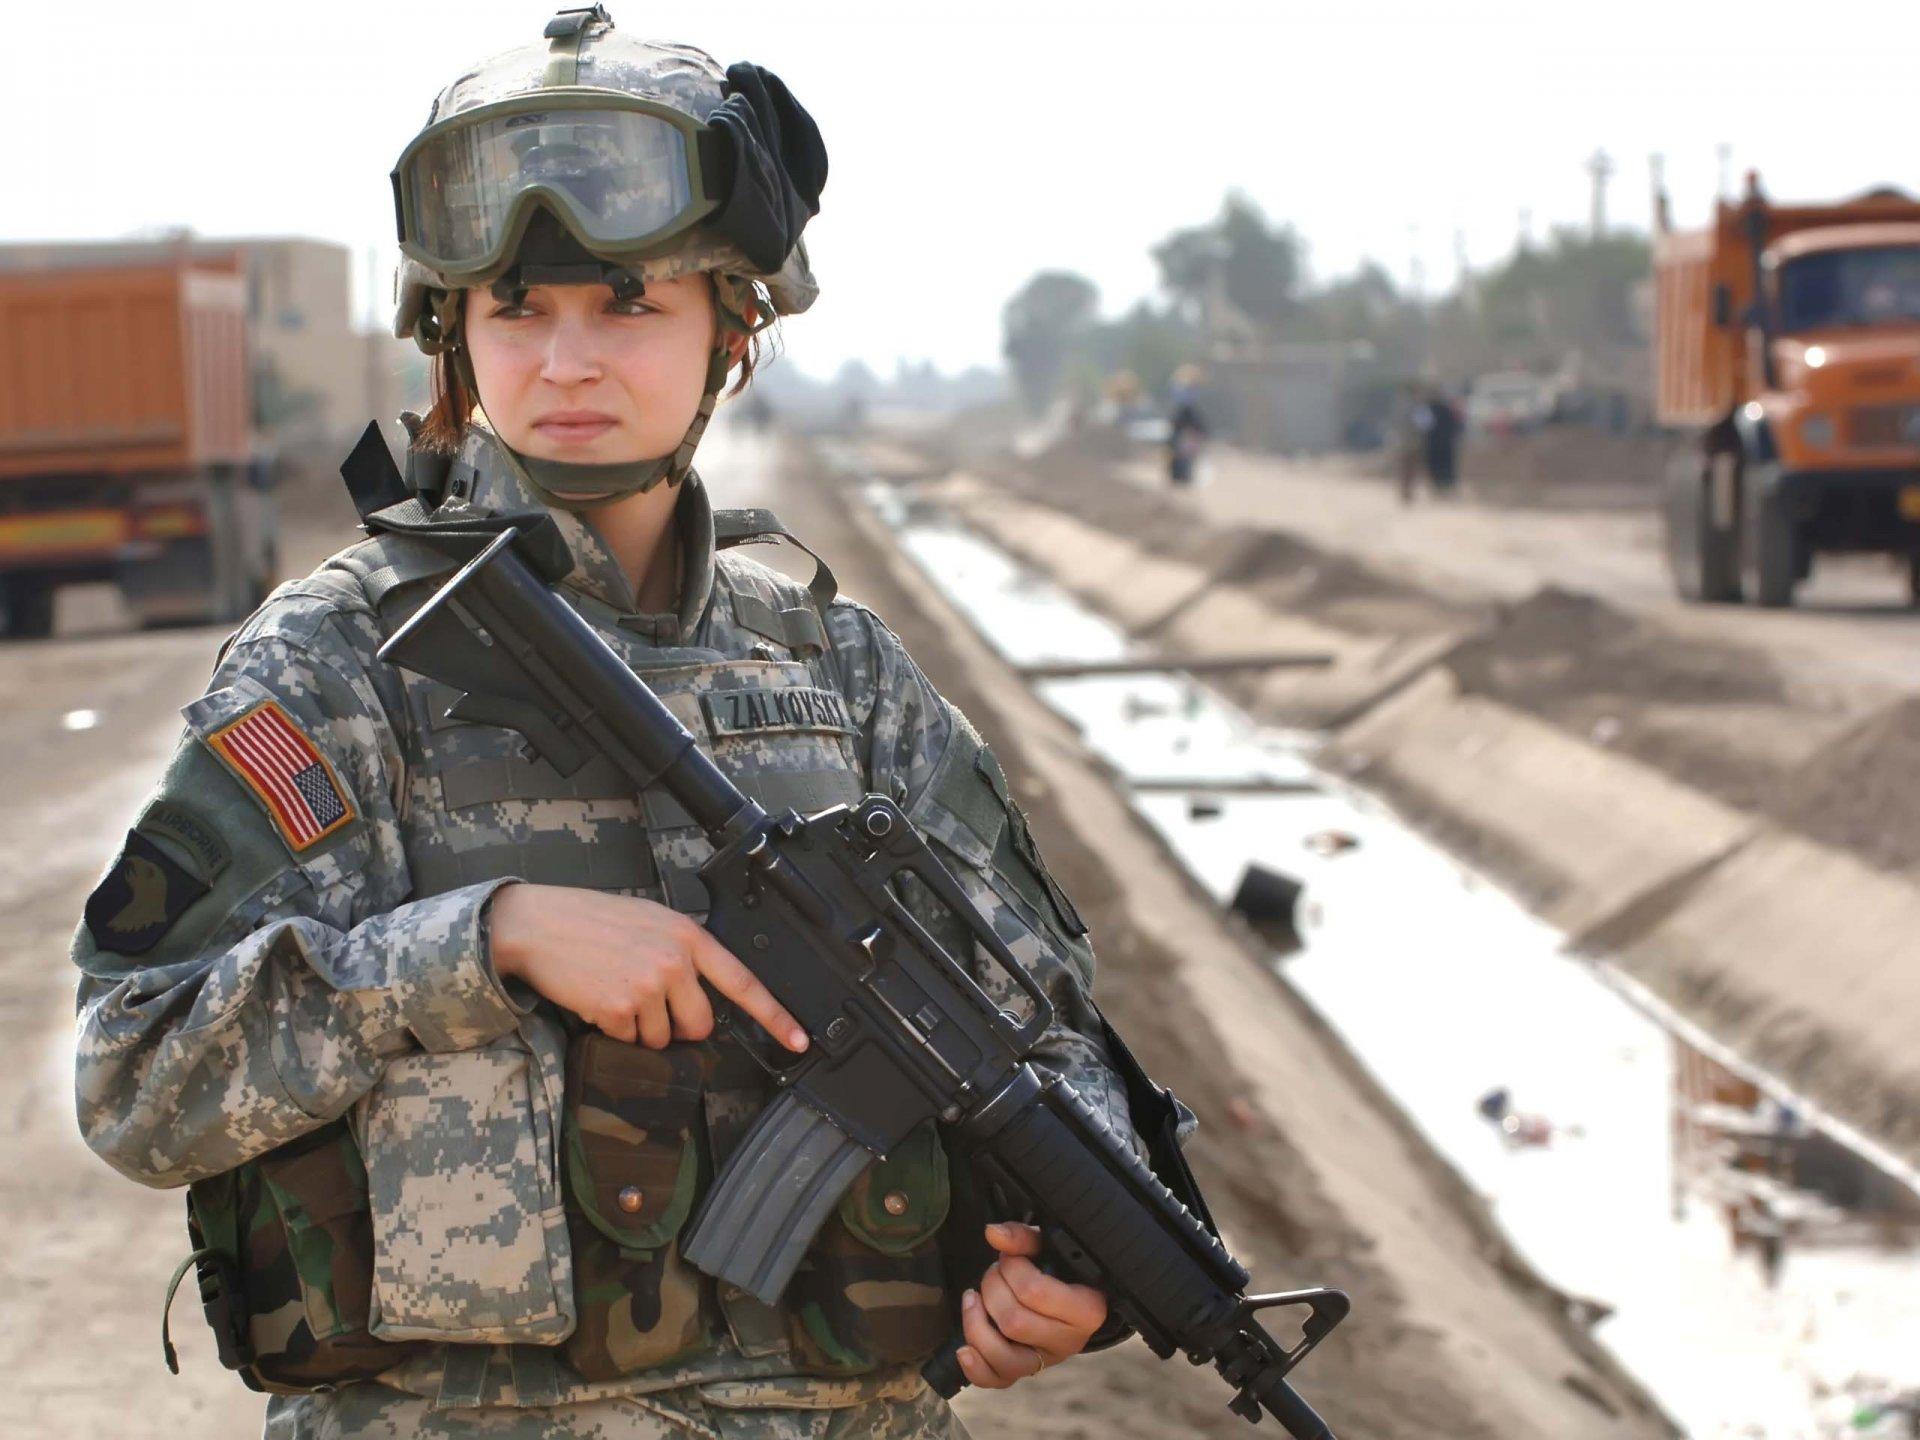 Fotos de mujeres soldados israelies desnudas 13